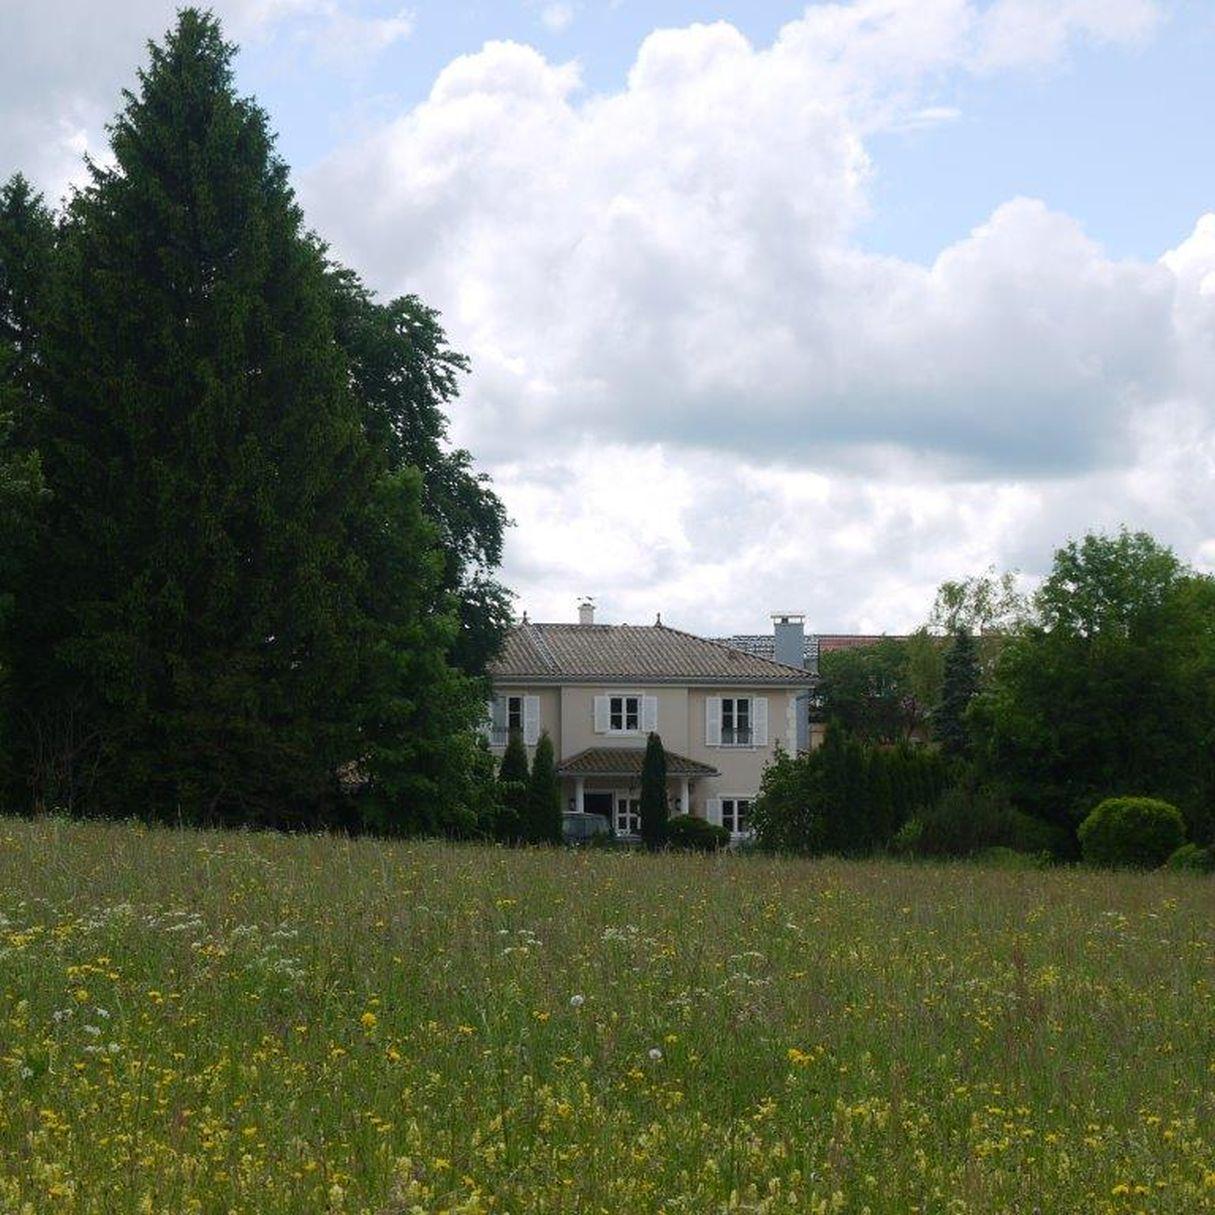 Blick von Norden über das Naturschutzgebiet auf die Villa in Berg